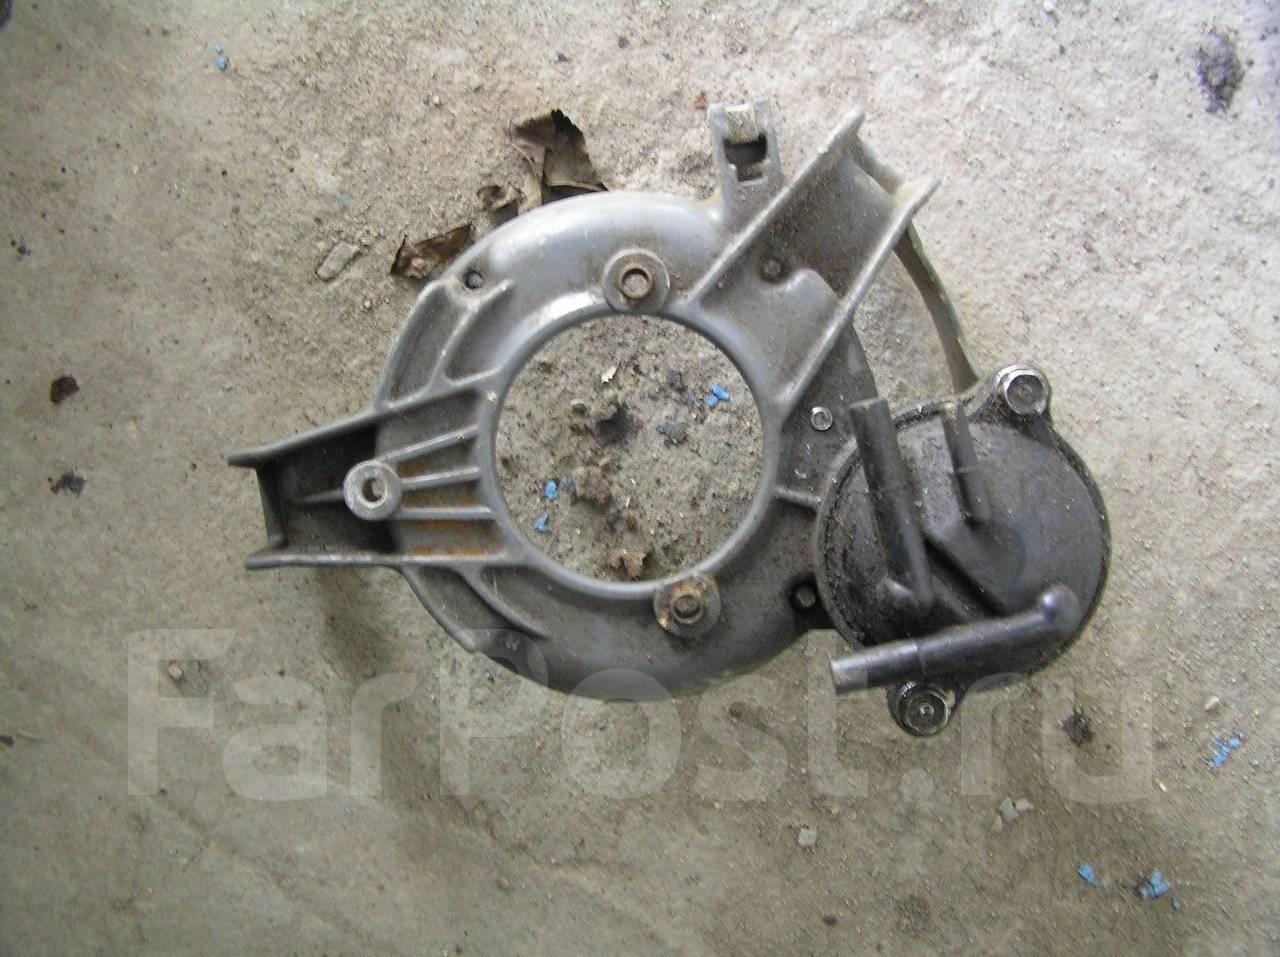 инструкция налодочный мотор ямаха 2 5 на русском языке